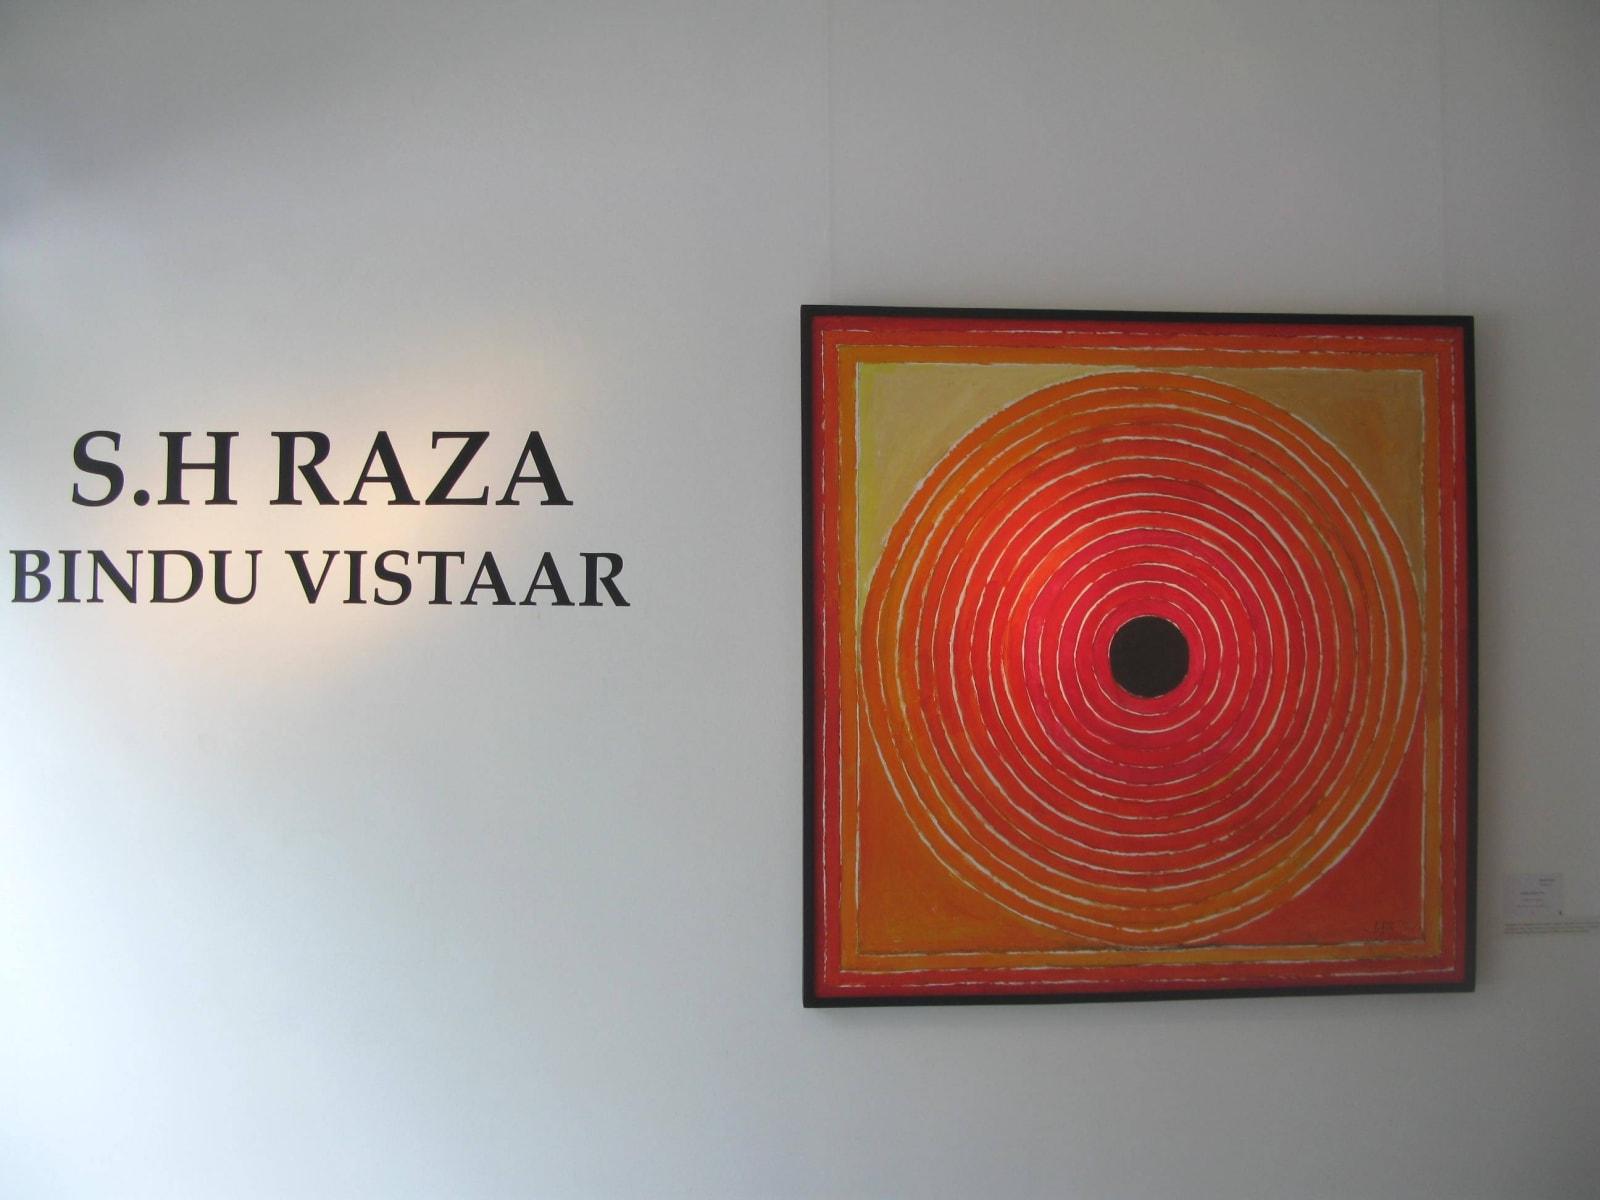 SH Raza, Bindu Vistaar installation shot